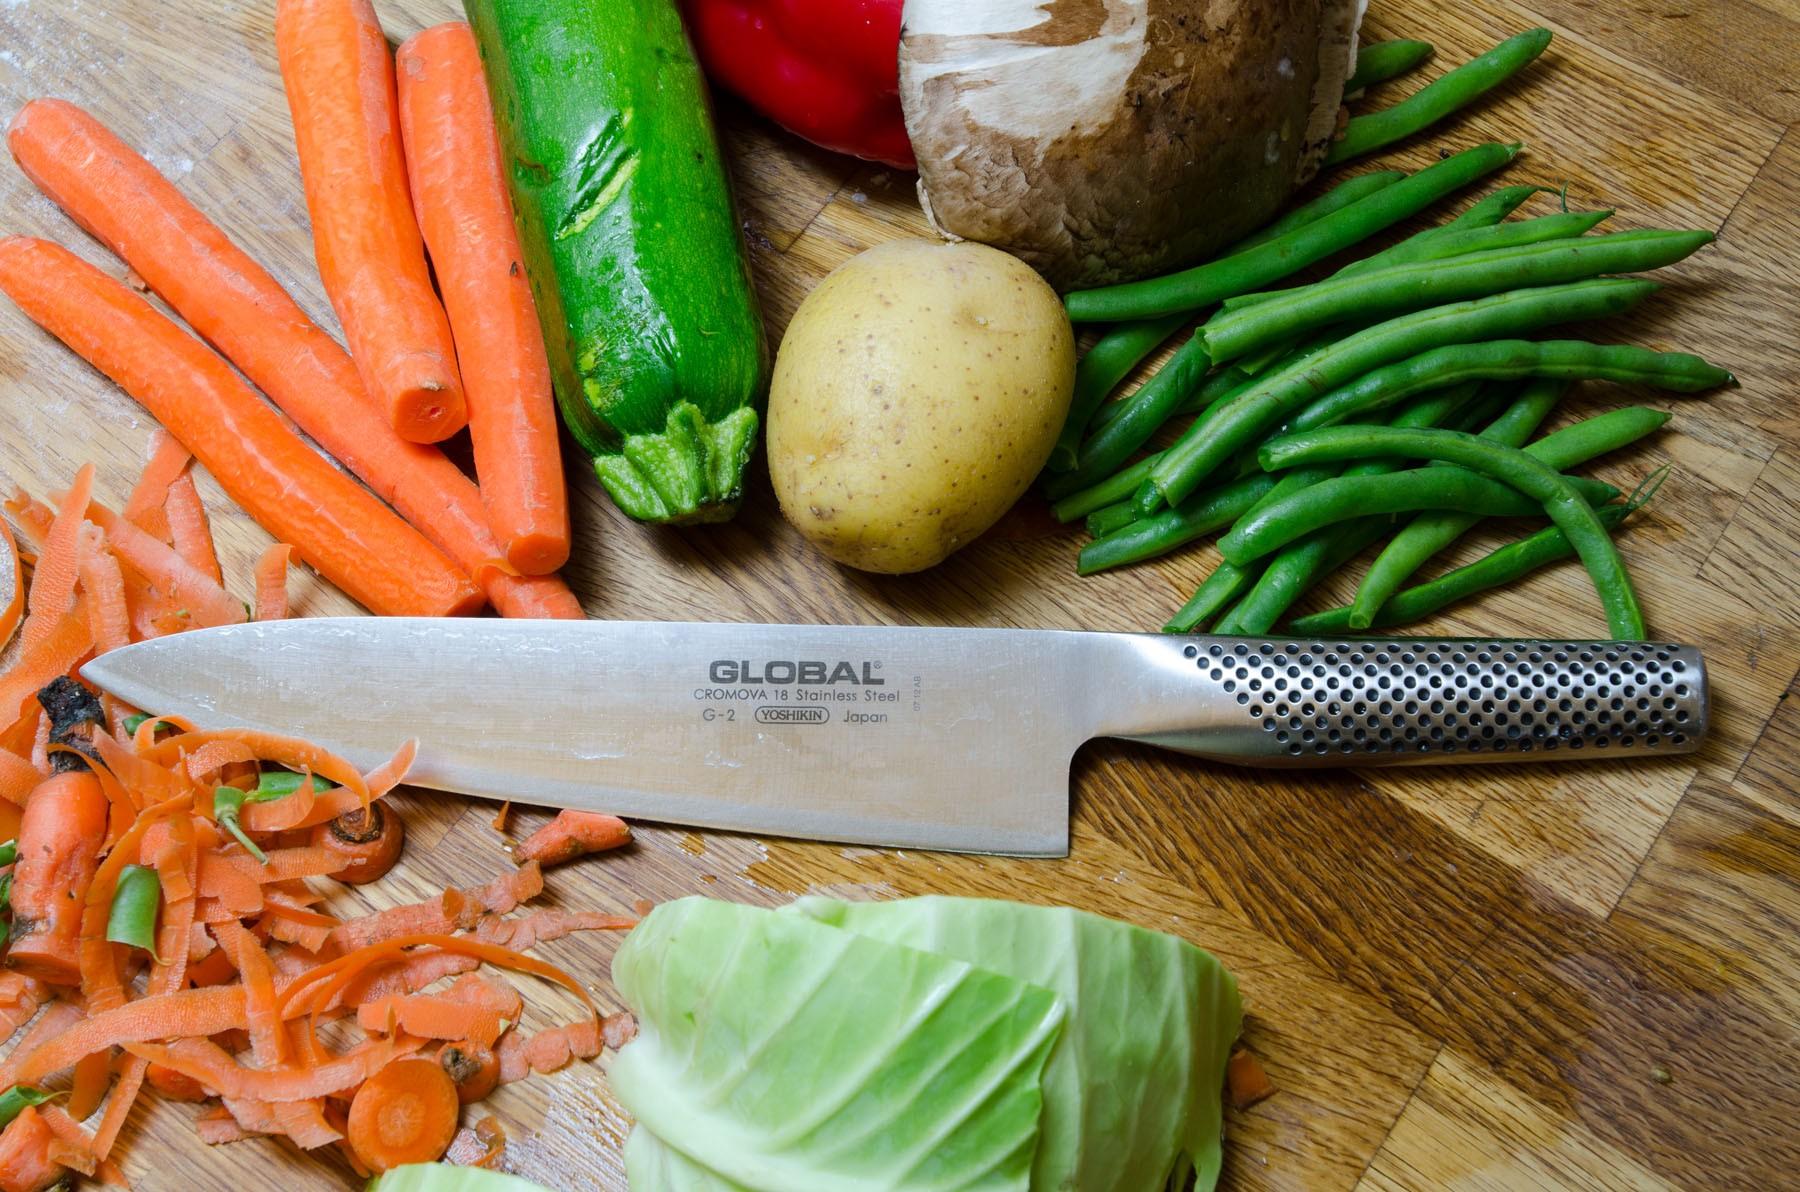 на картинке изображены овощи и кухонный нож